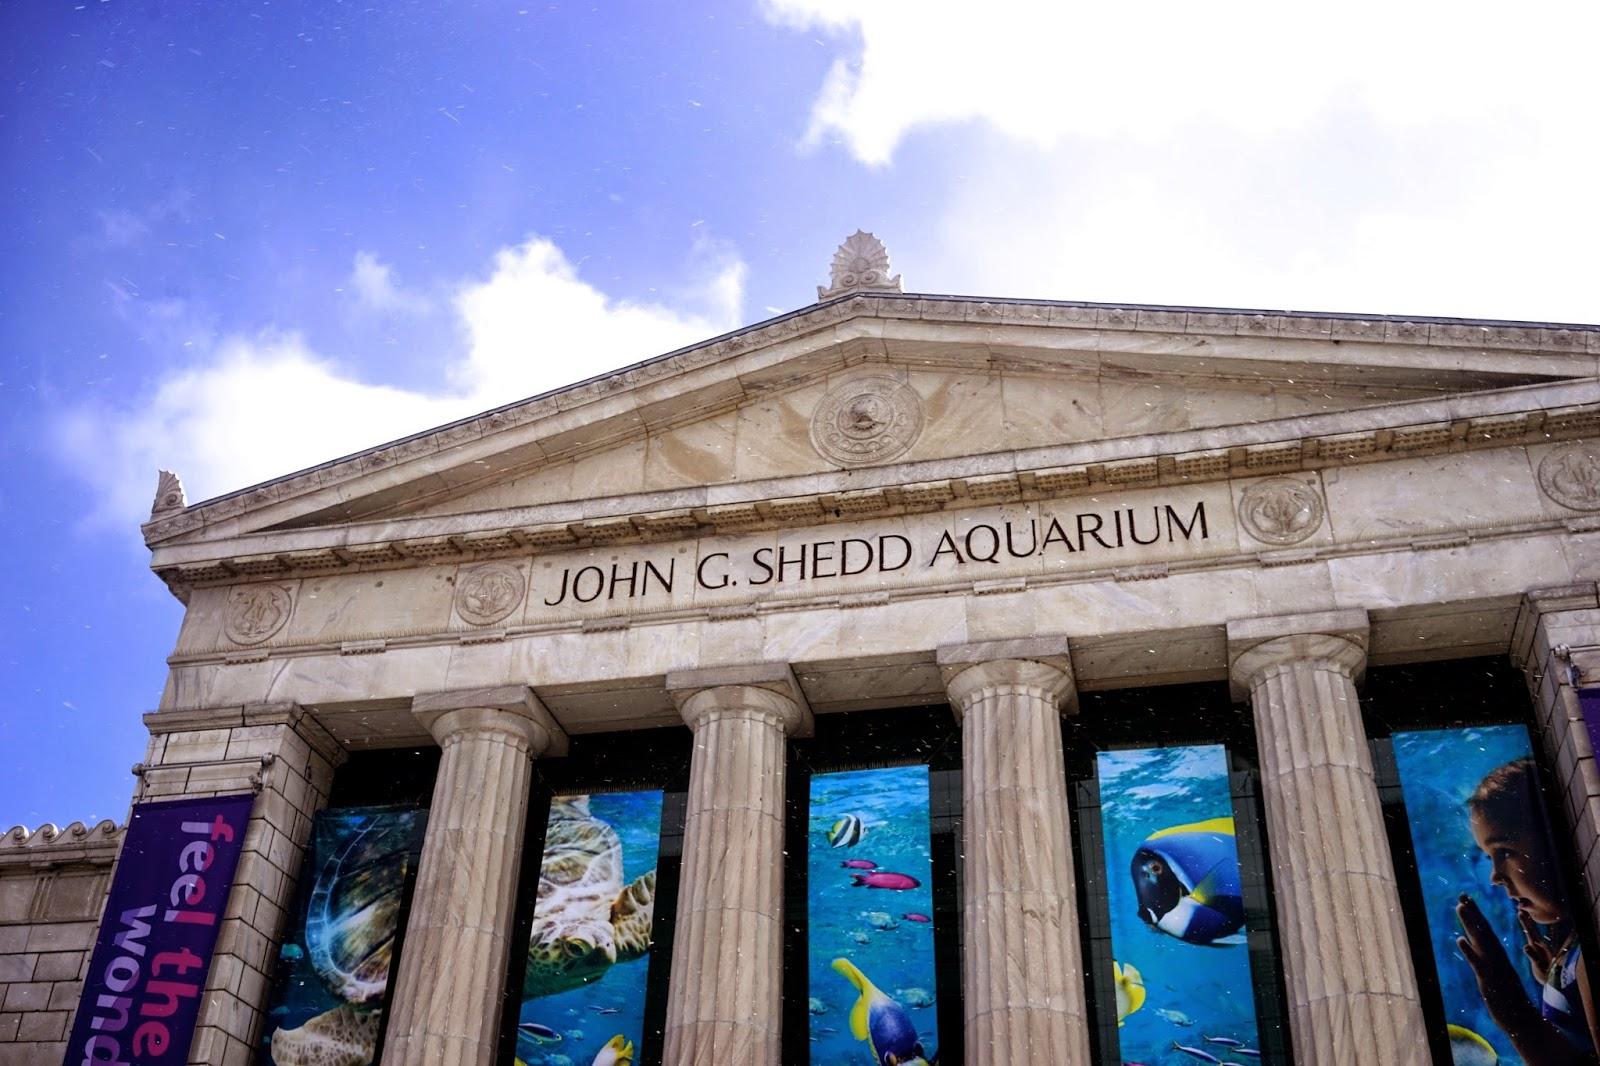 John shedd aquarium